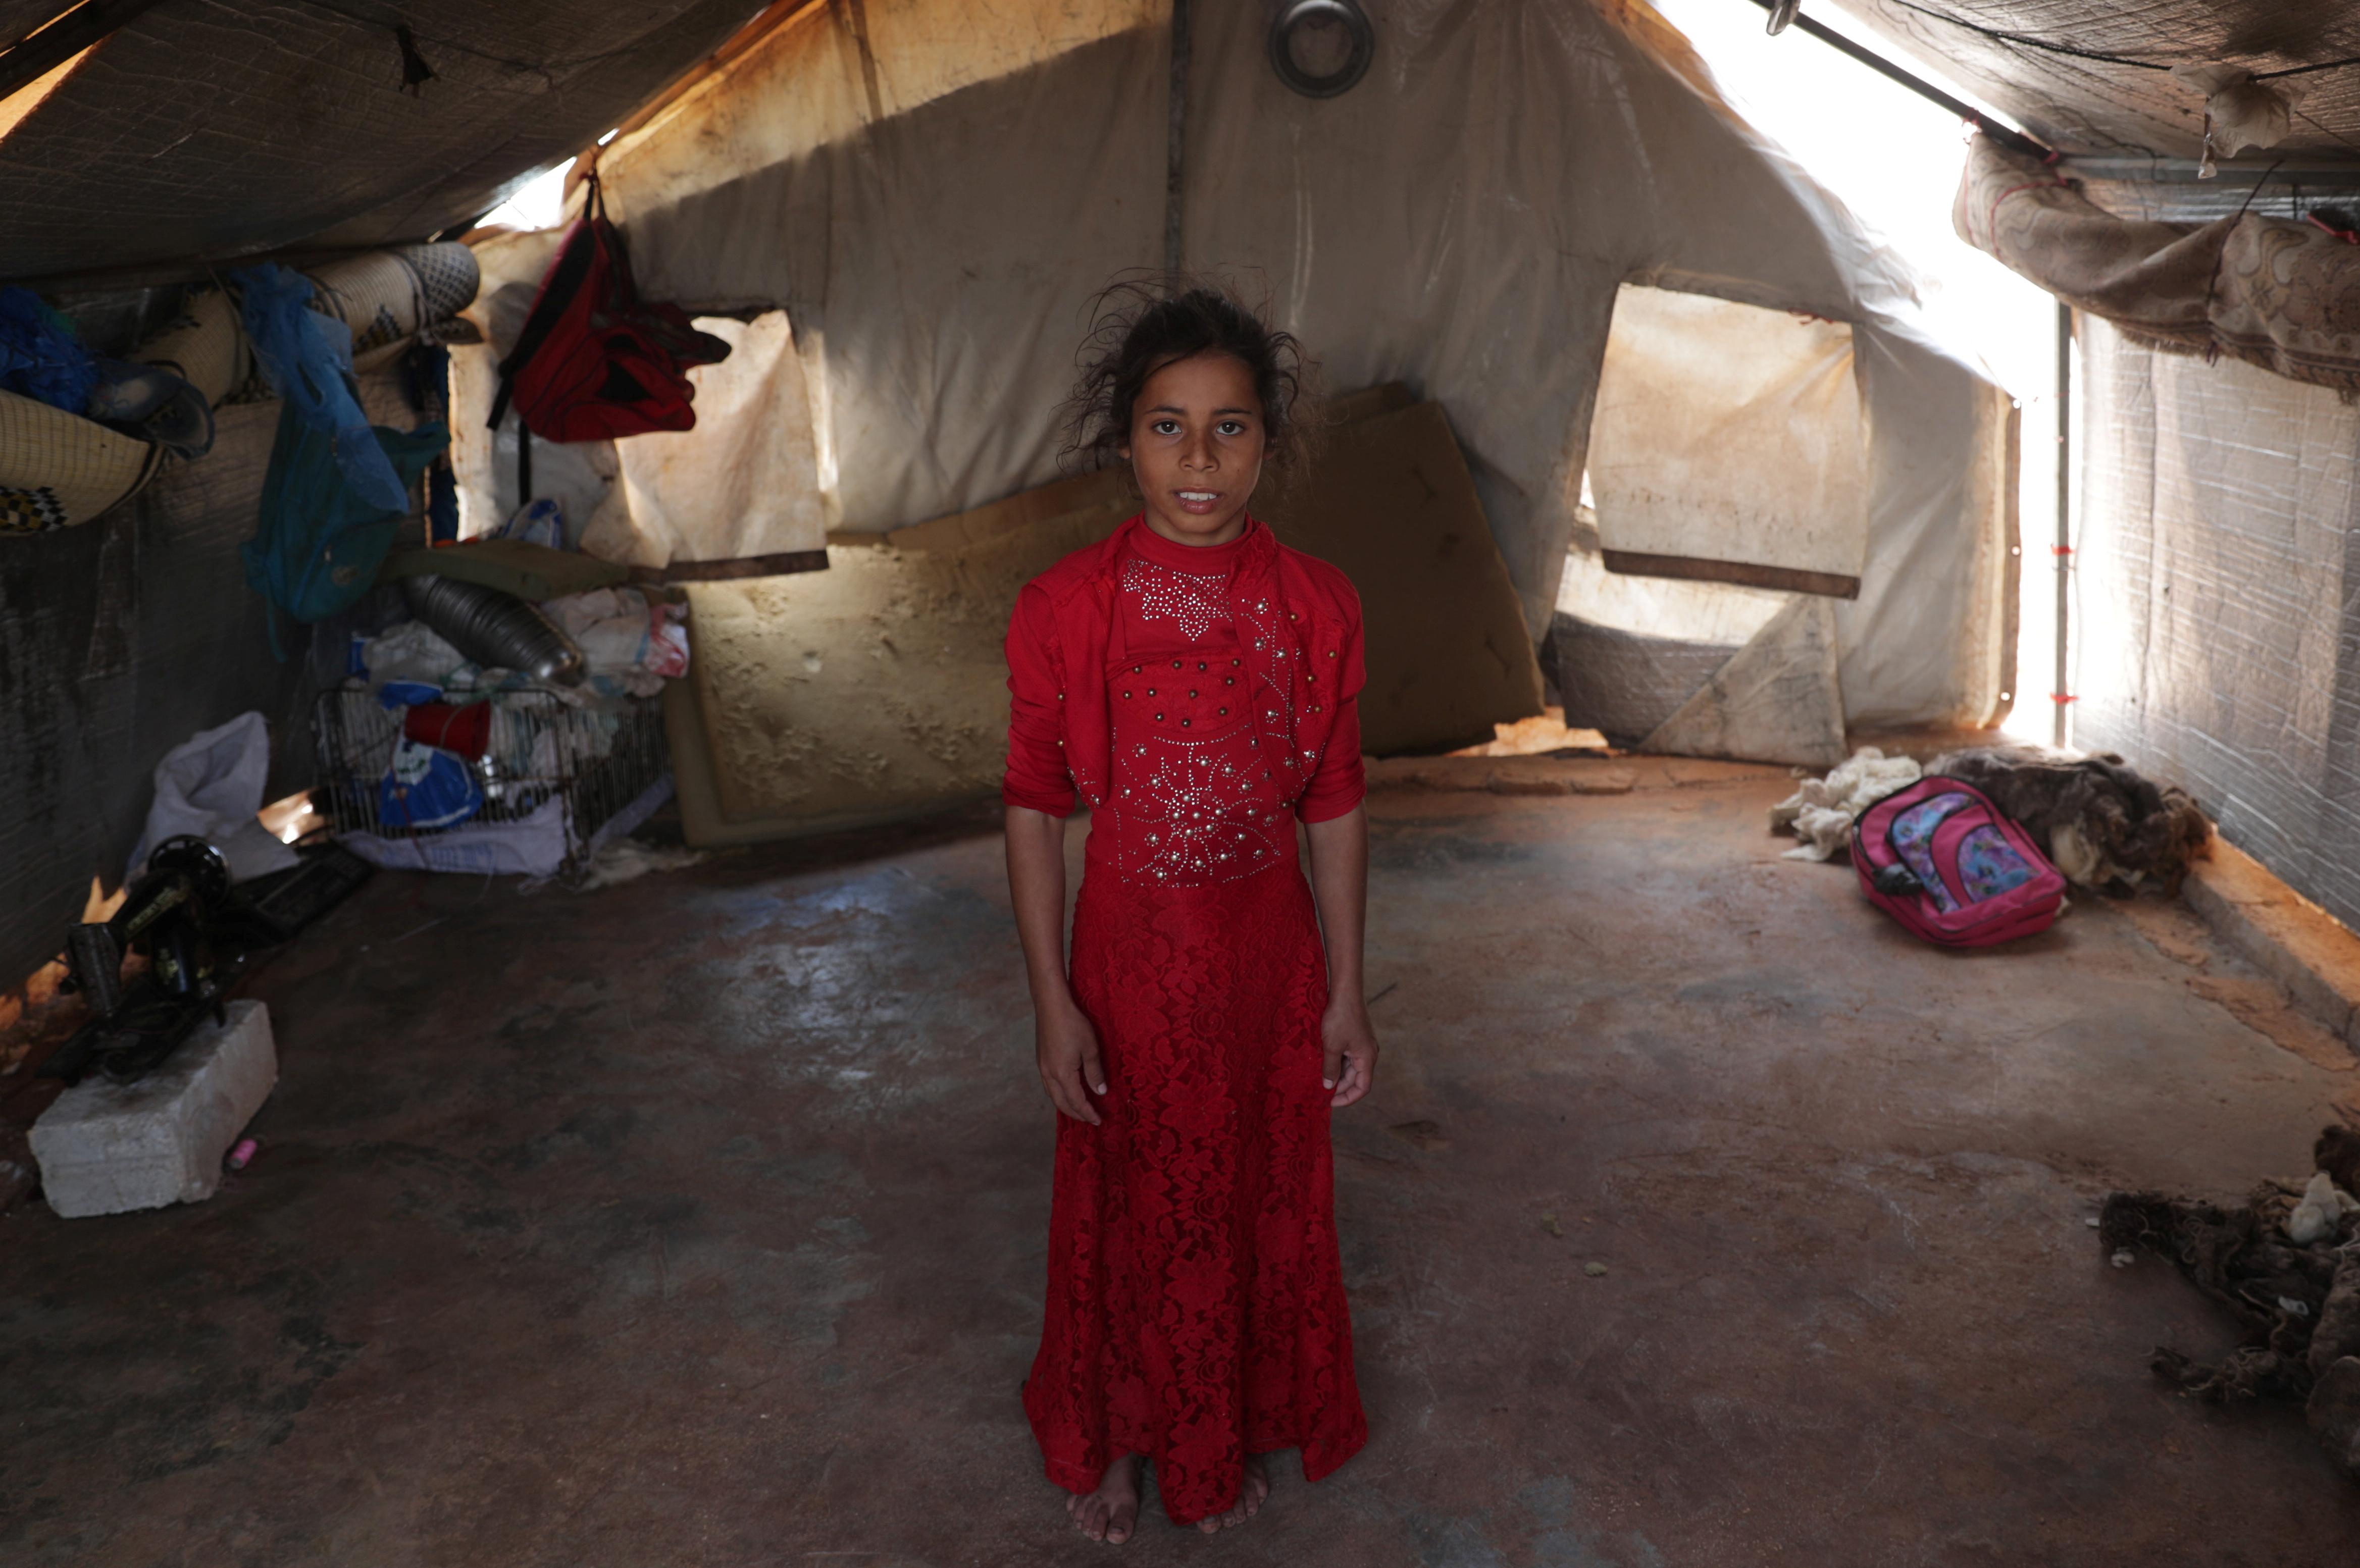 Ranim Barakat, una niña siria desplazada de nueve años del campo de Hama que nunca ha conocido la paz, sus pies descalzos asomando por debajo de un vestido rojo bordado. (REUTERS / Khalil Ashawi)